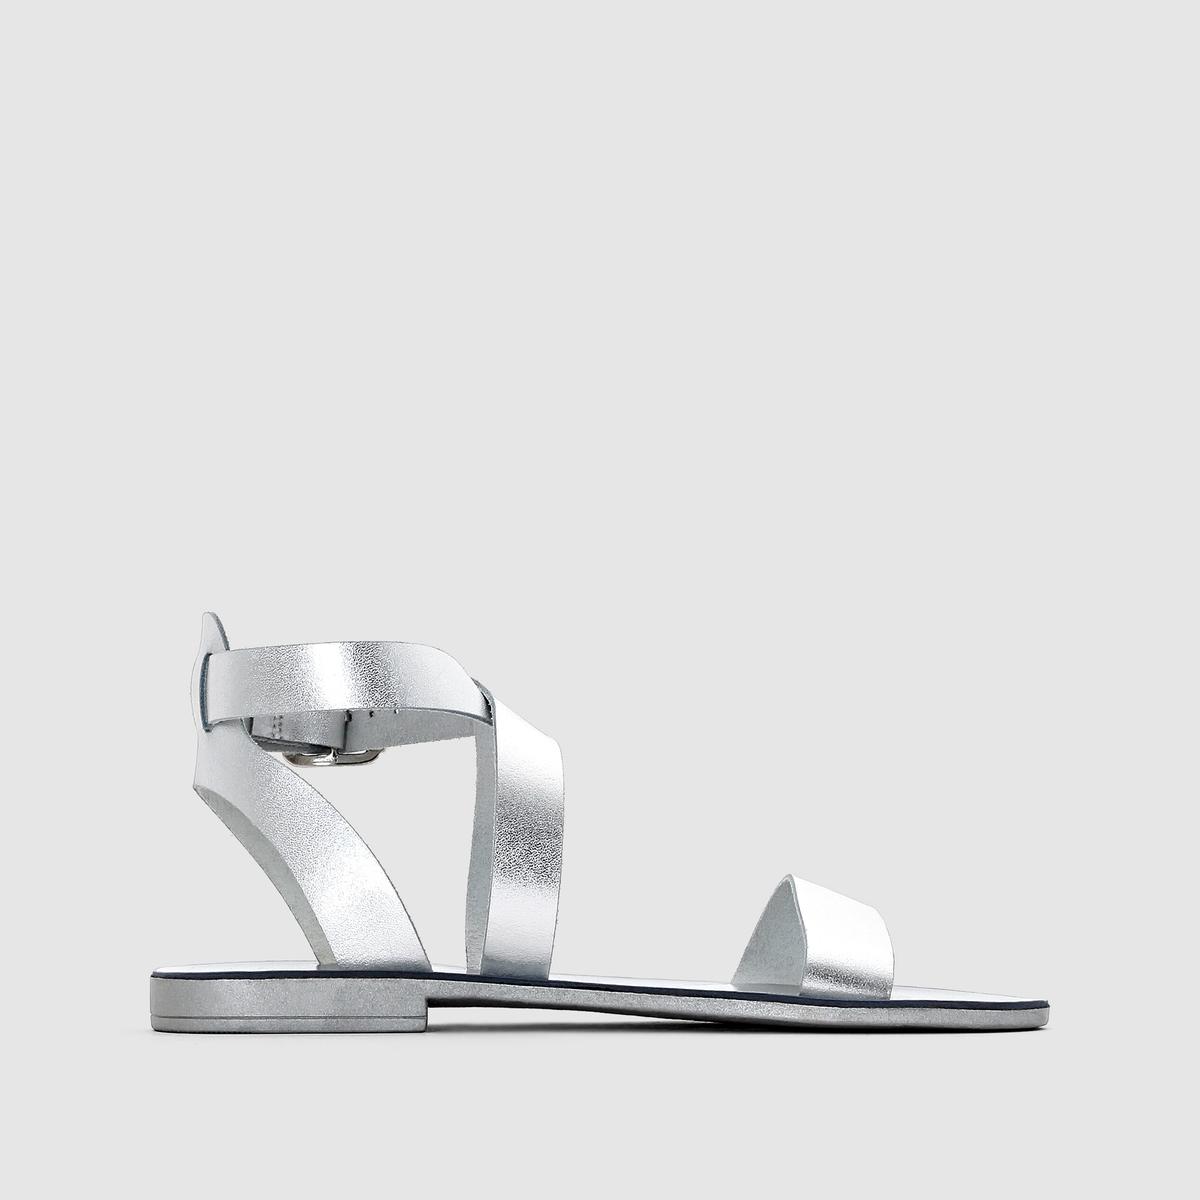 Босоножки DUNE LONDON LOTTIБосоножки открытые на небольшом каблуке LOTTI от DUNE LONDON .Верх : яловичная кожаПодкладка : синтетика Стелька : синтетика Подошва : синтетика Высота каблука    : 1,5 см Застежка  : ремешок с пряжкой.<br><br>Цвет: серебристый<br>Размер: 38